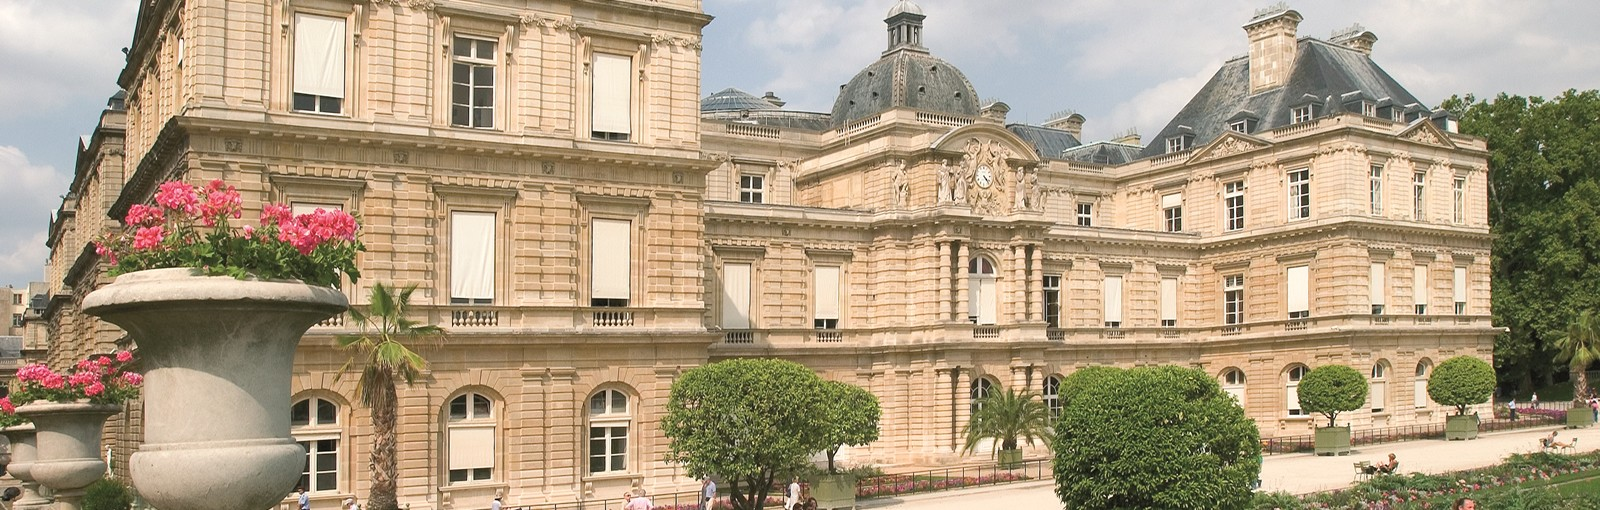 Tours The Latin quarter, the famous University of La Sorbonne, the Pantheon, the church of St Etienne-du-Mont, the Luxembourg Gardens - Walking tours - Paris Tours